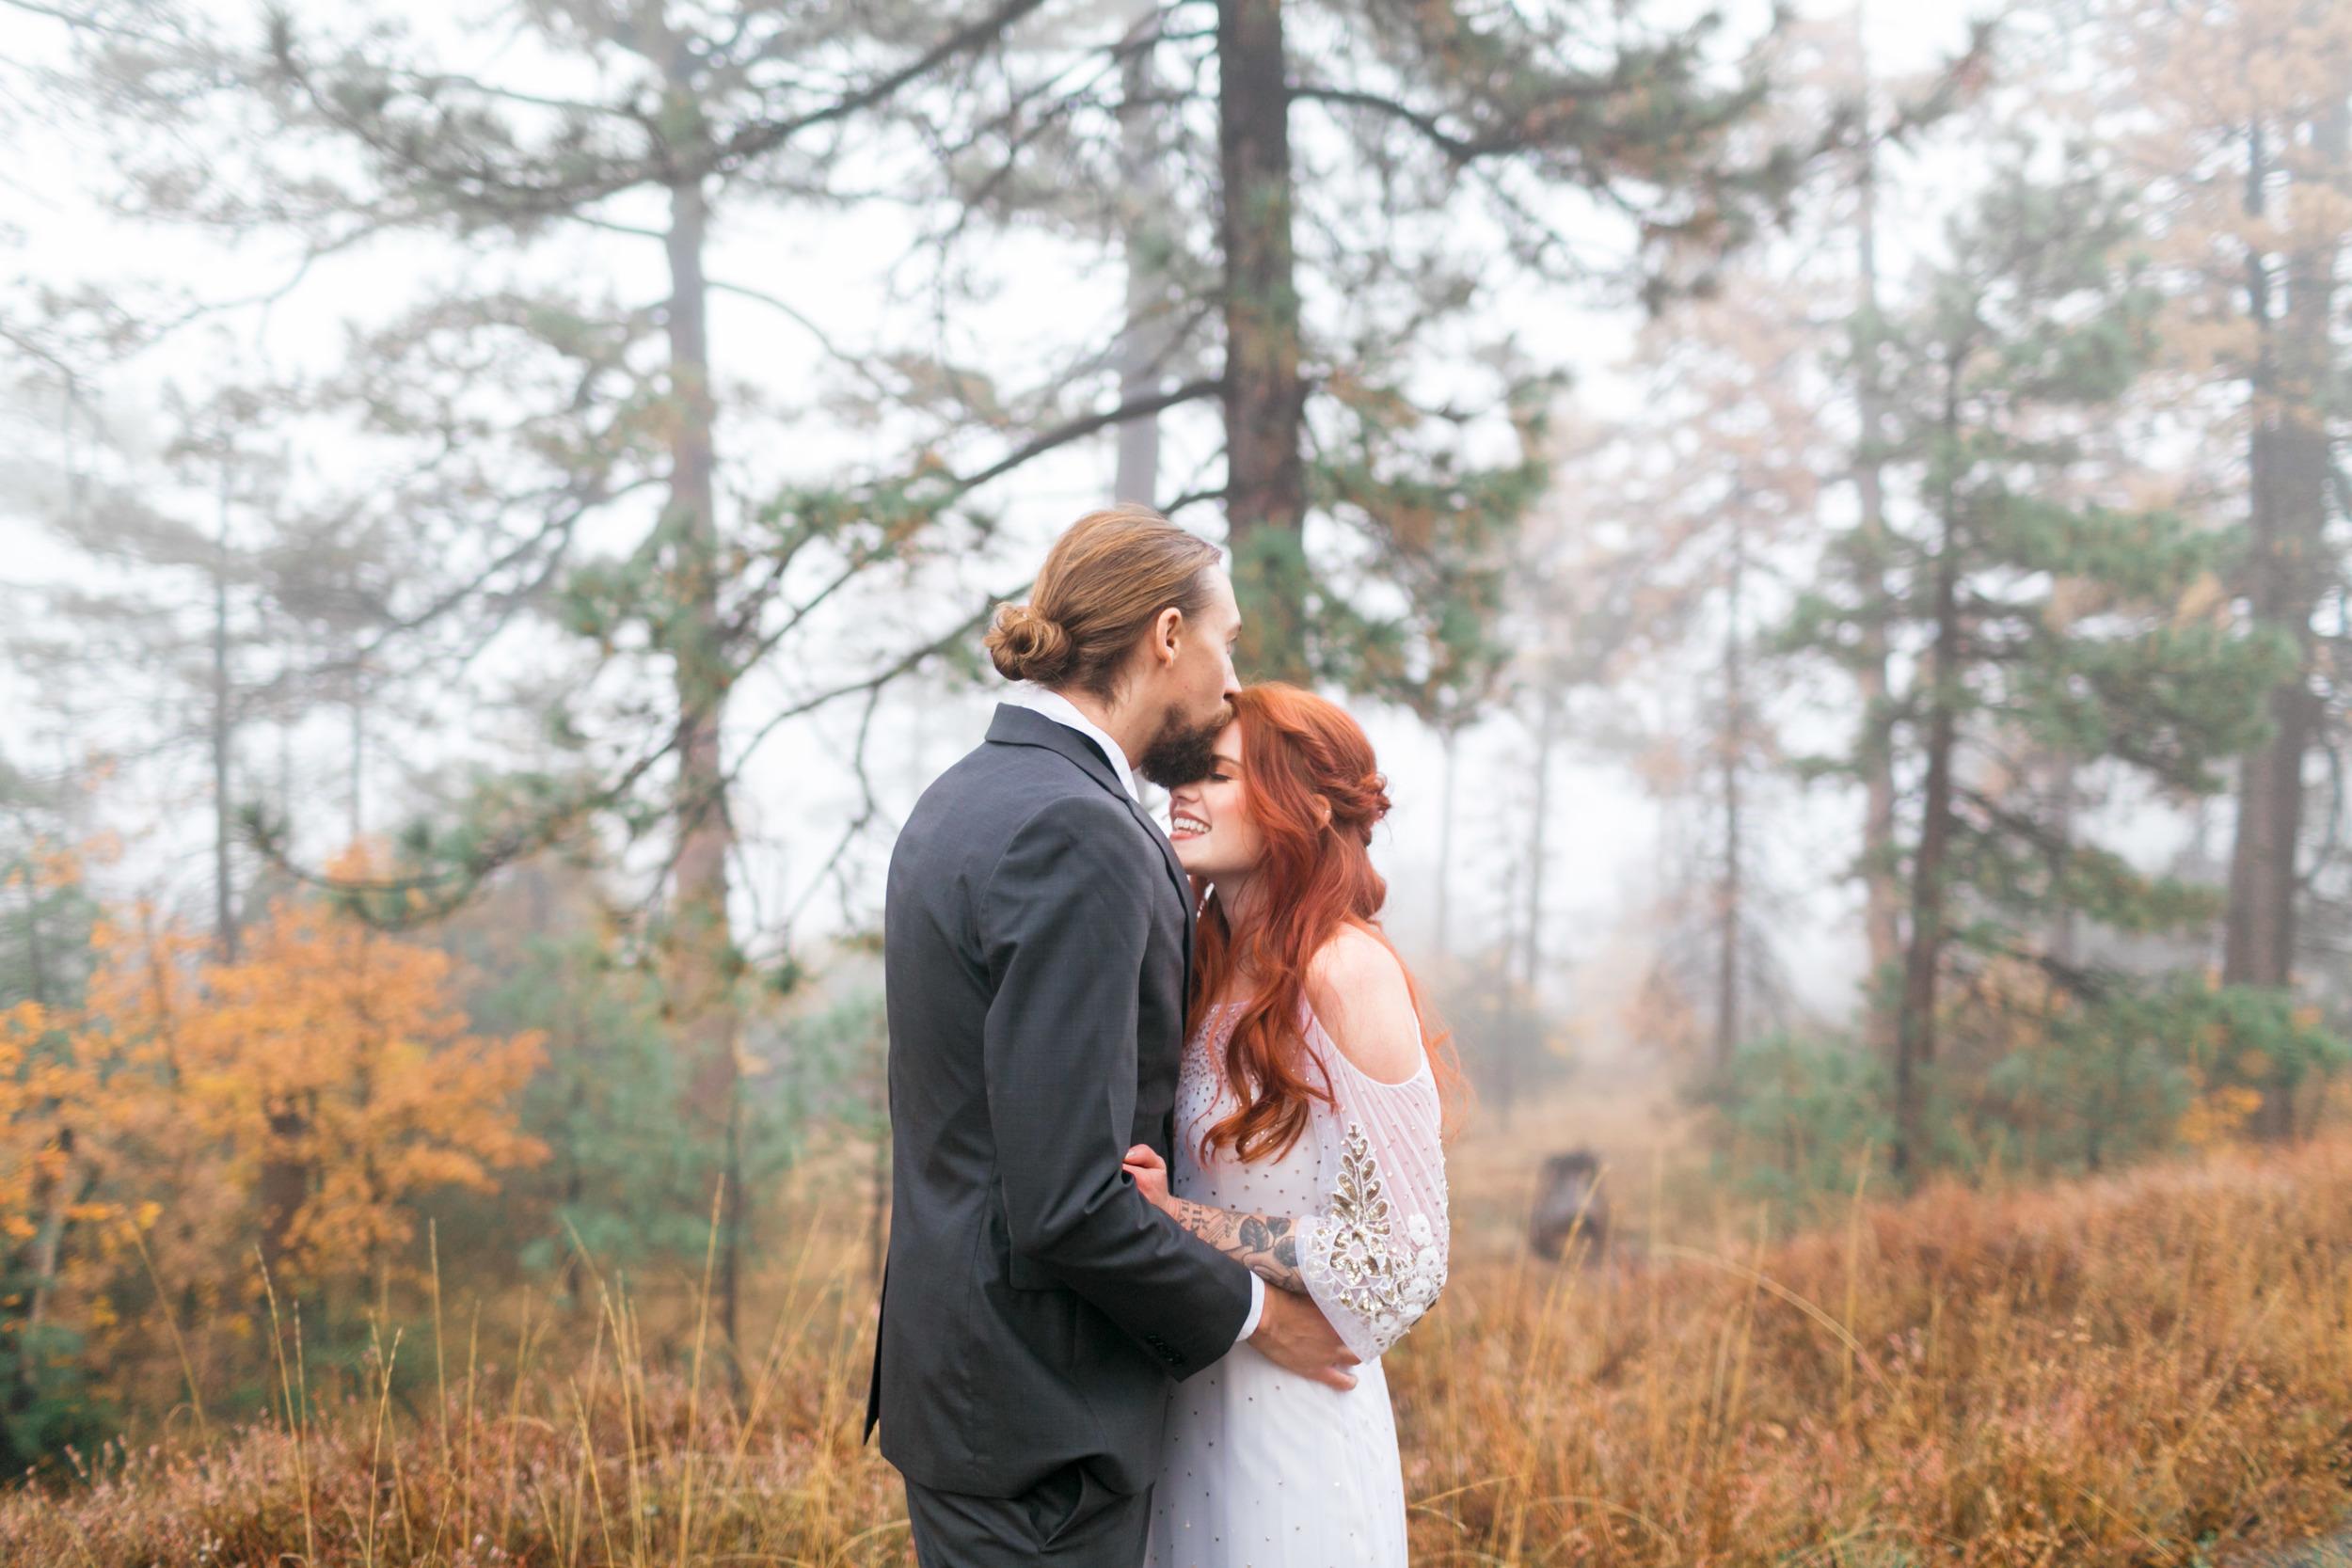 Natalie Schutt Photography woods-12.jpg